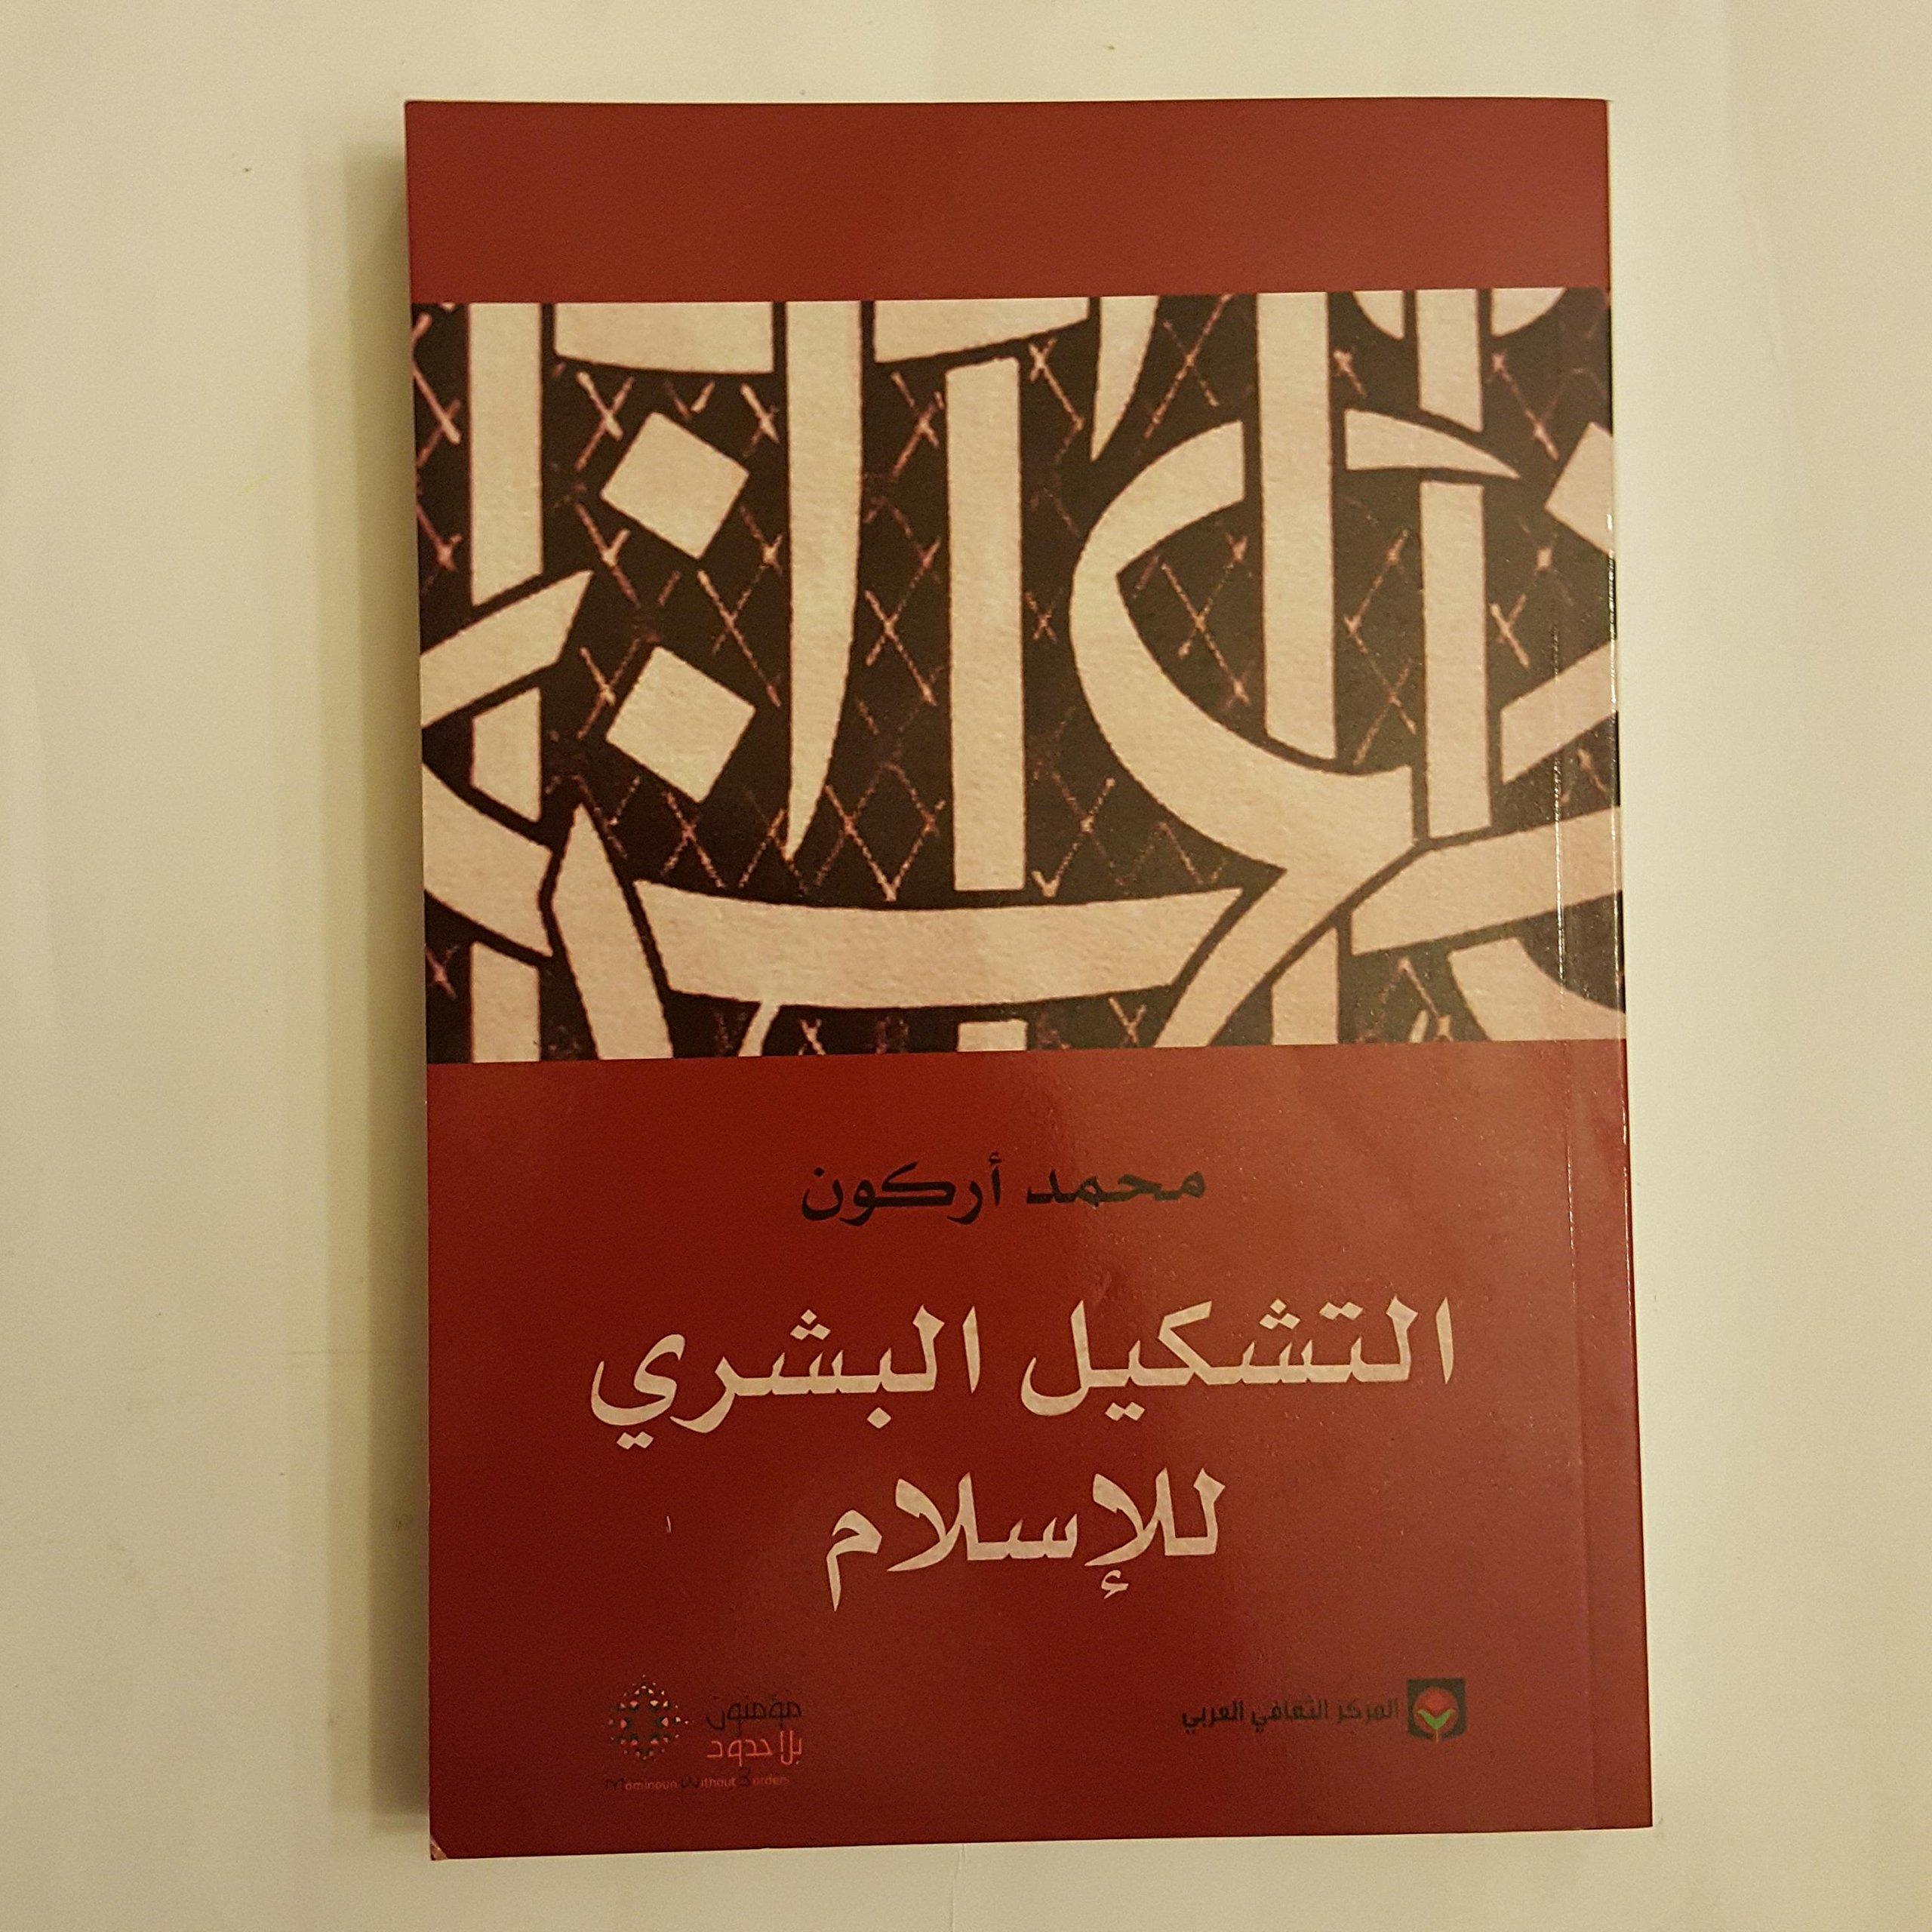 التشكيل البشري للإسلام: محمد أركون, هاشم صالح: 9789953686349 ...